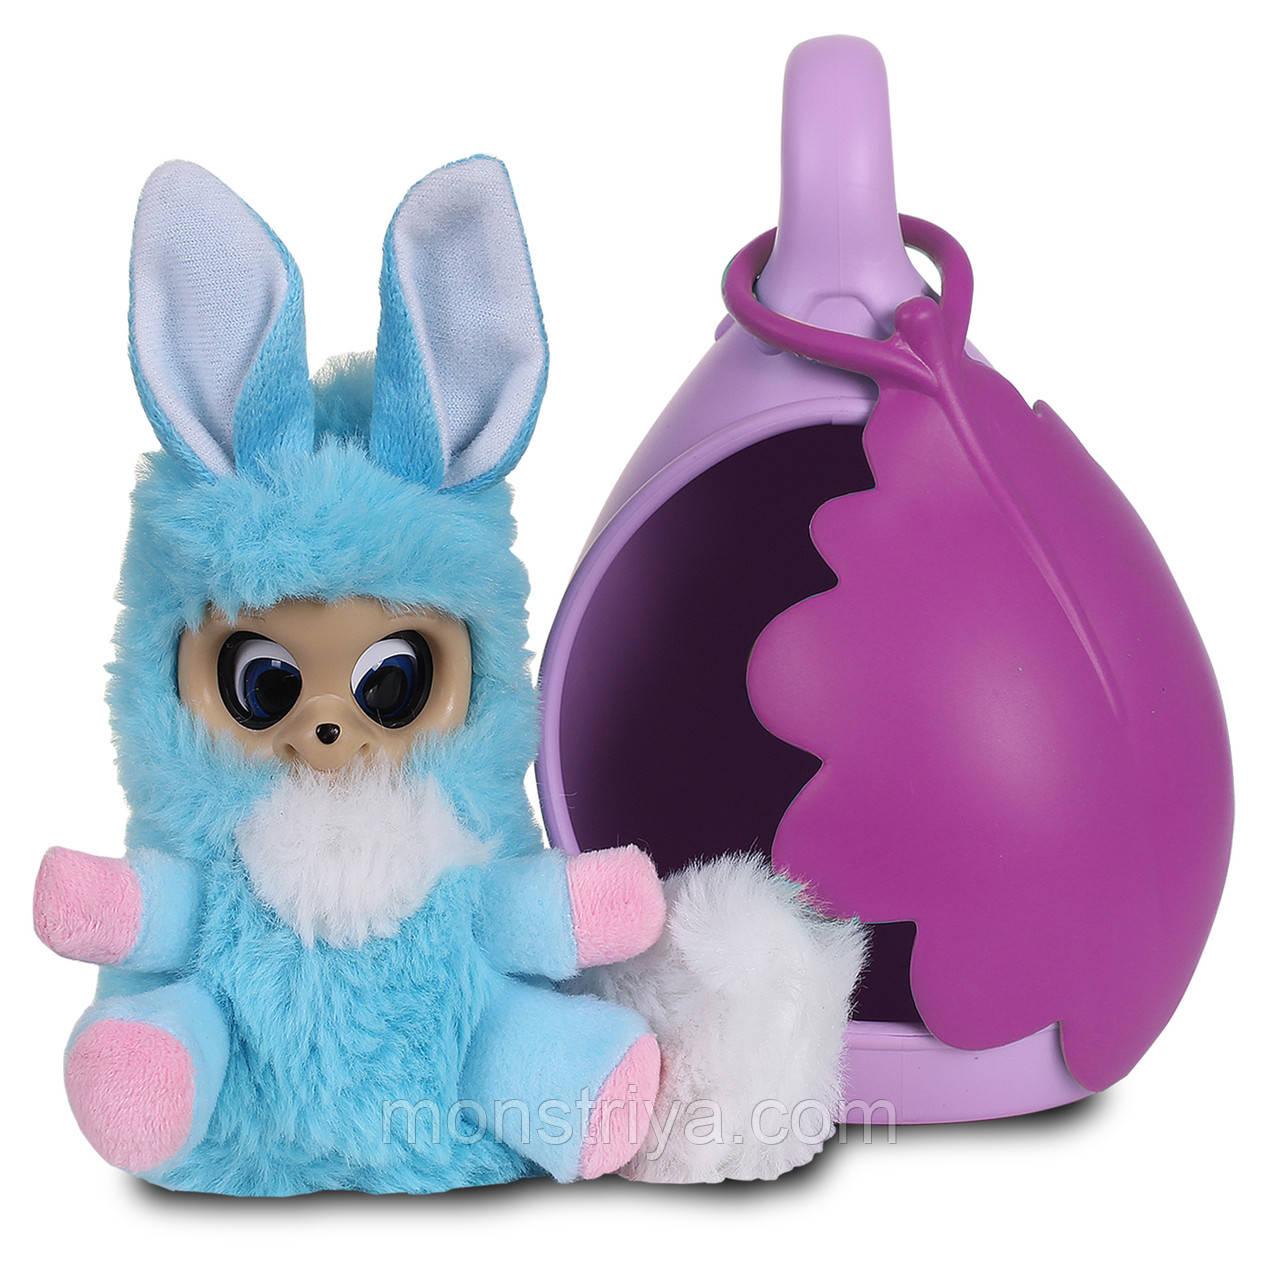 Меховой младенец Adero Fur Babies Сладкие сны + СТРУЧОК ДЛЯ СНА